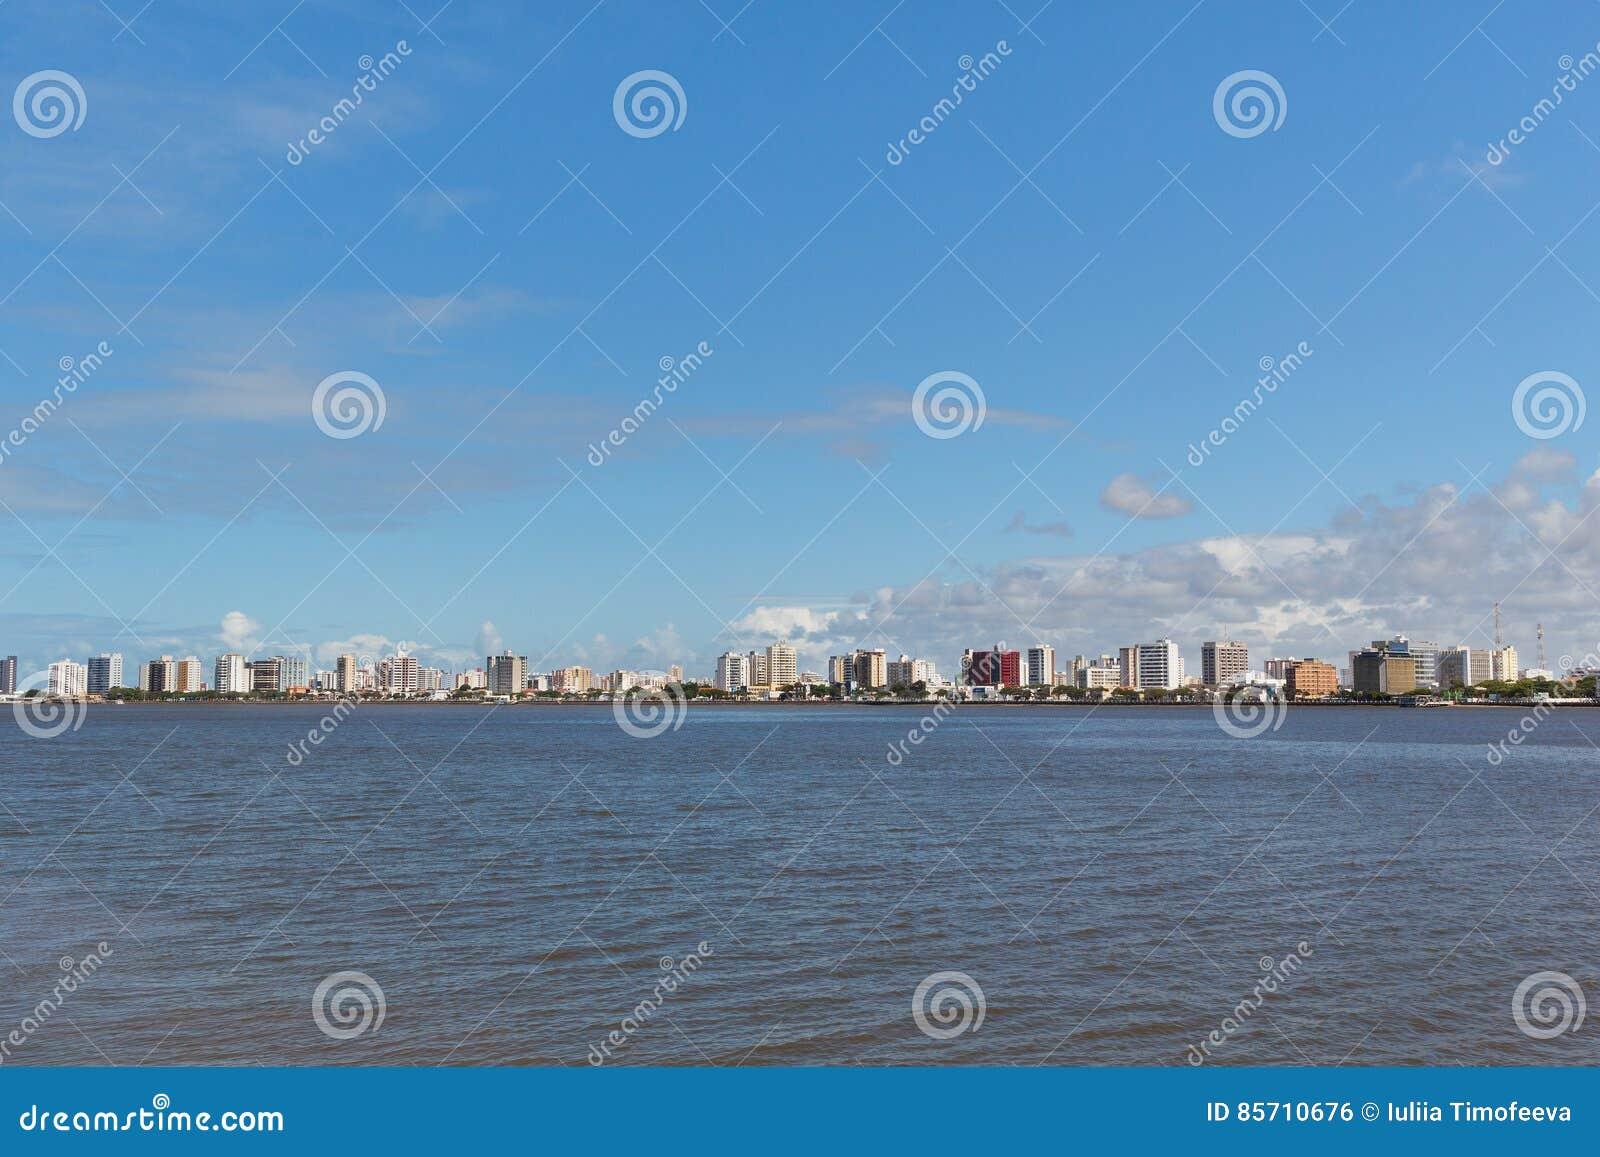 Vista panorámica del centro de ciudad, Aracaju, Sergipe, el Brasil